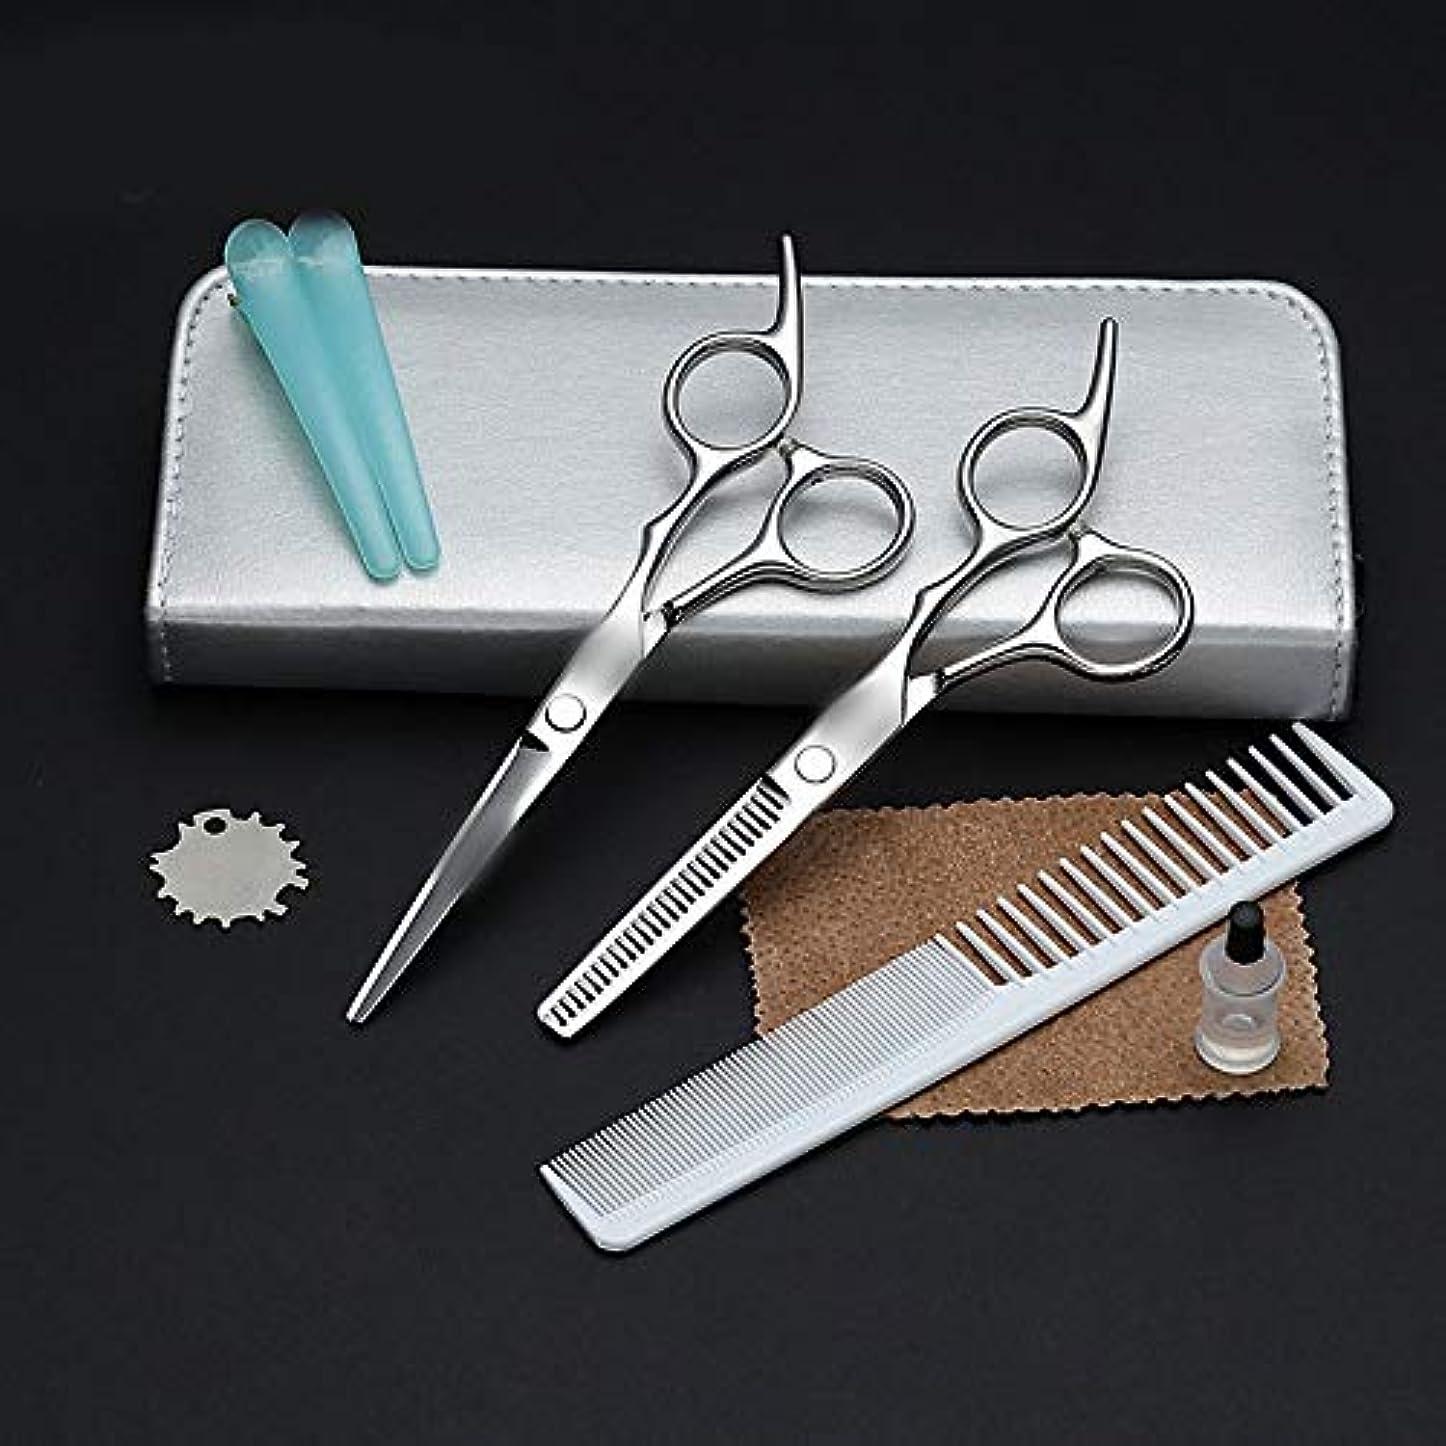 アーティキュレーションバッテリーエールWASAIO シアーズキットプロフェッショナル理容サロンレイザーエッジツールファミリー大人の子供のマット付き+歯シザーセットを切断理髪はさみトリミングアクセサリー薄毛 (色 : Silver)